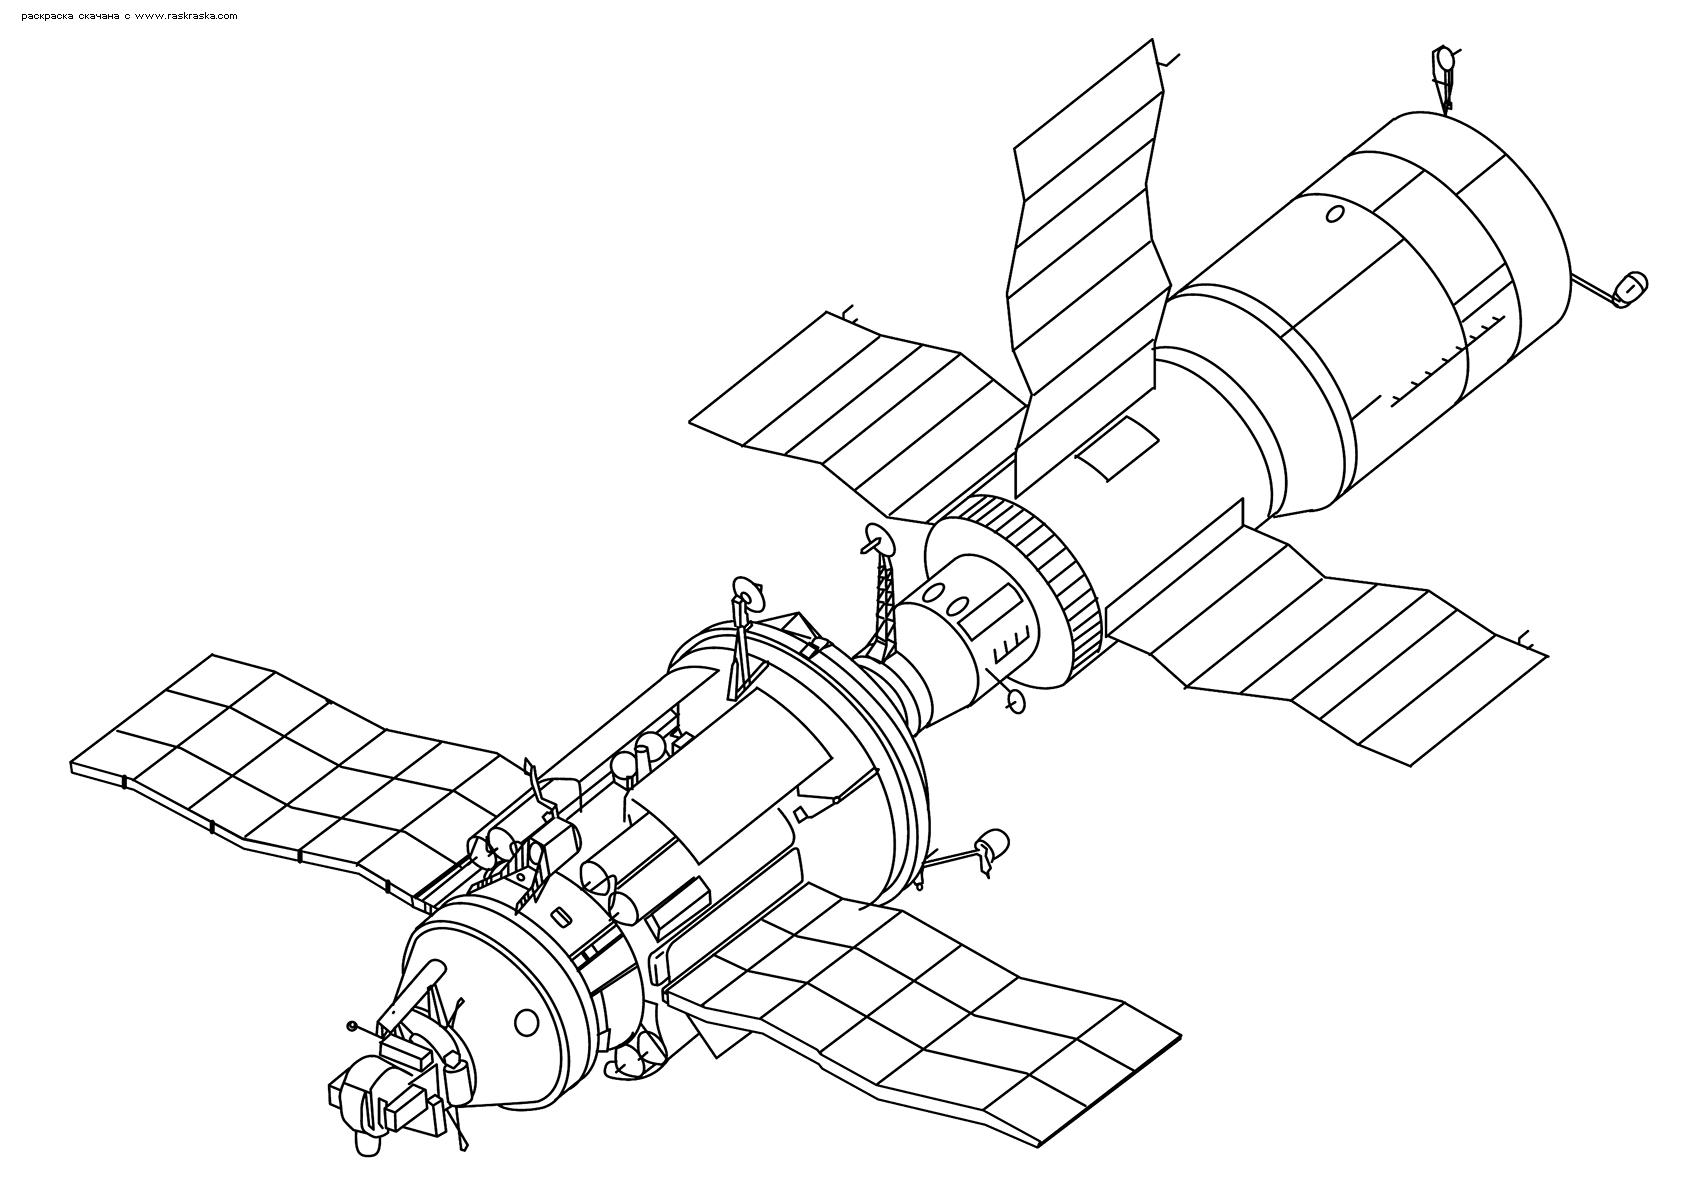 Раскраска Космическая станция. Раскраска космос